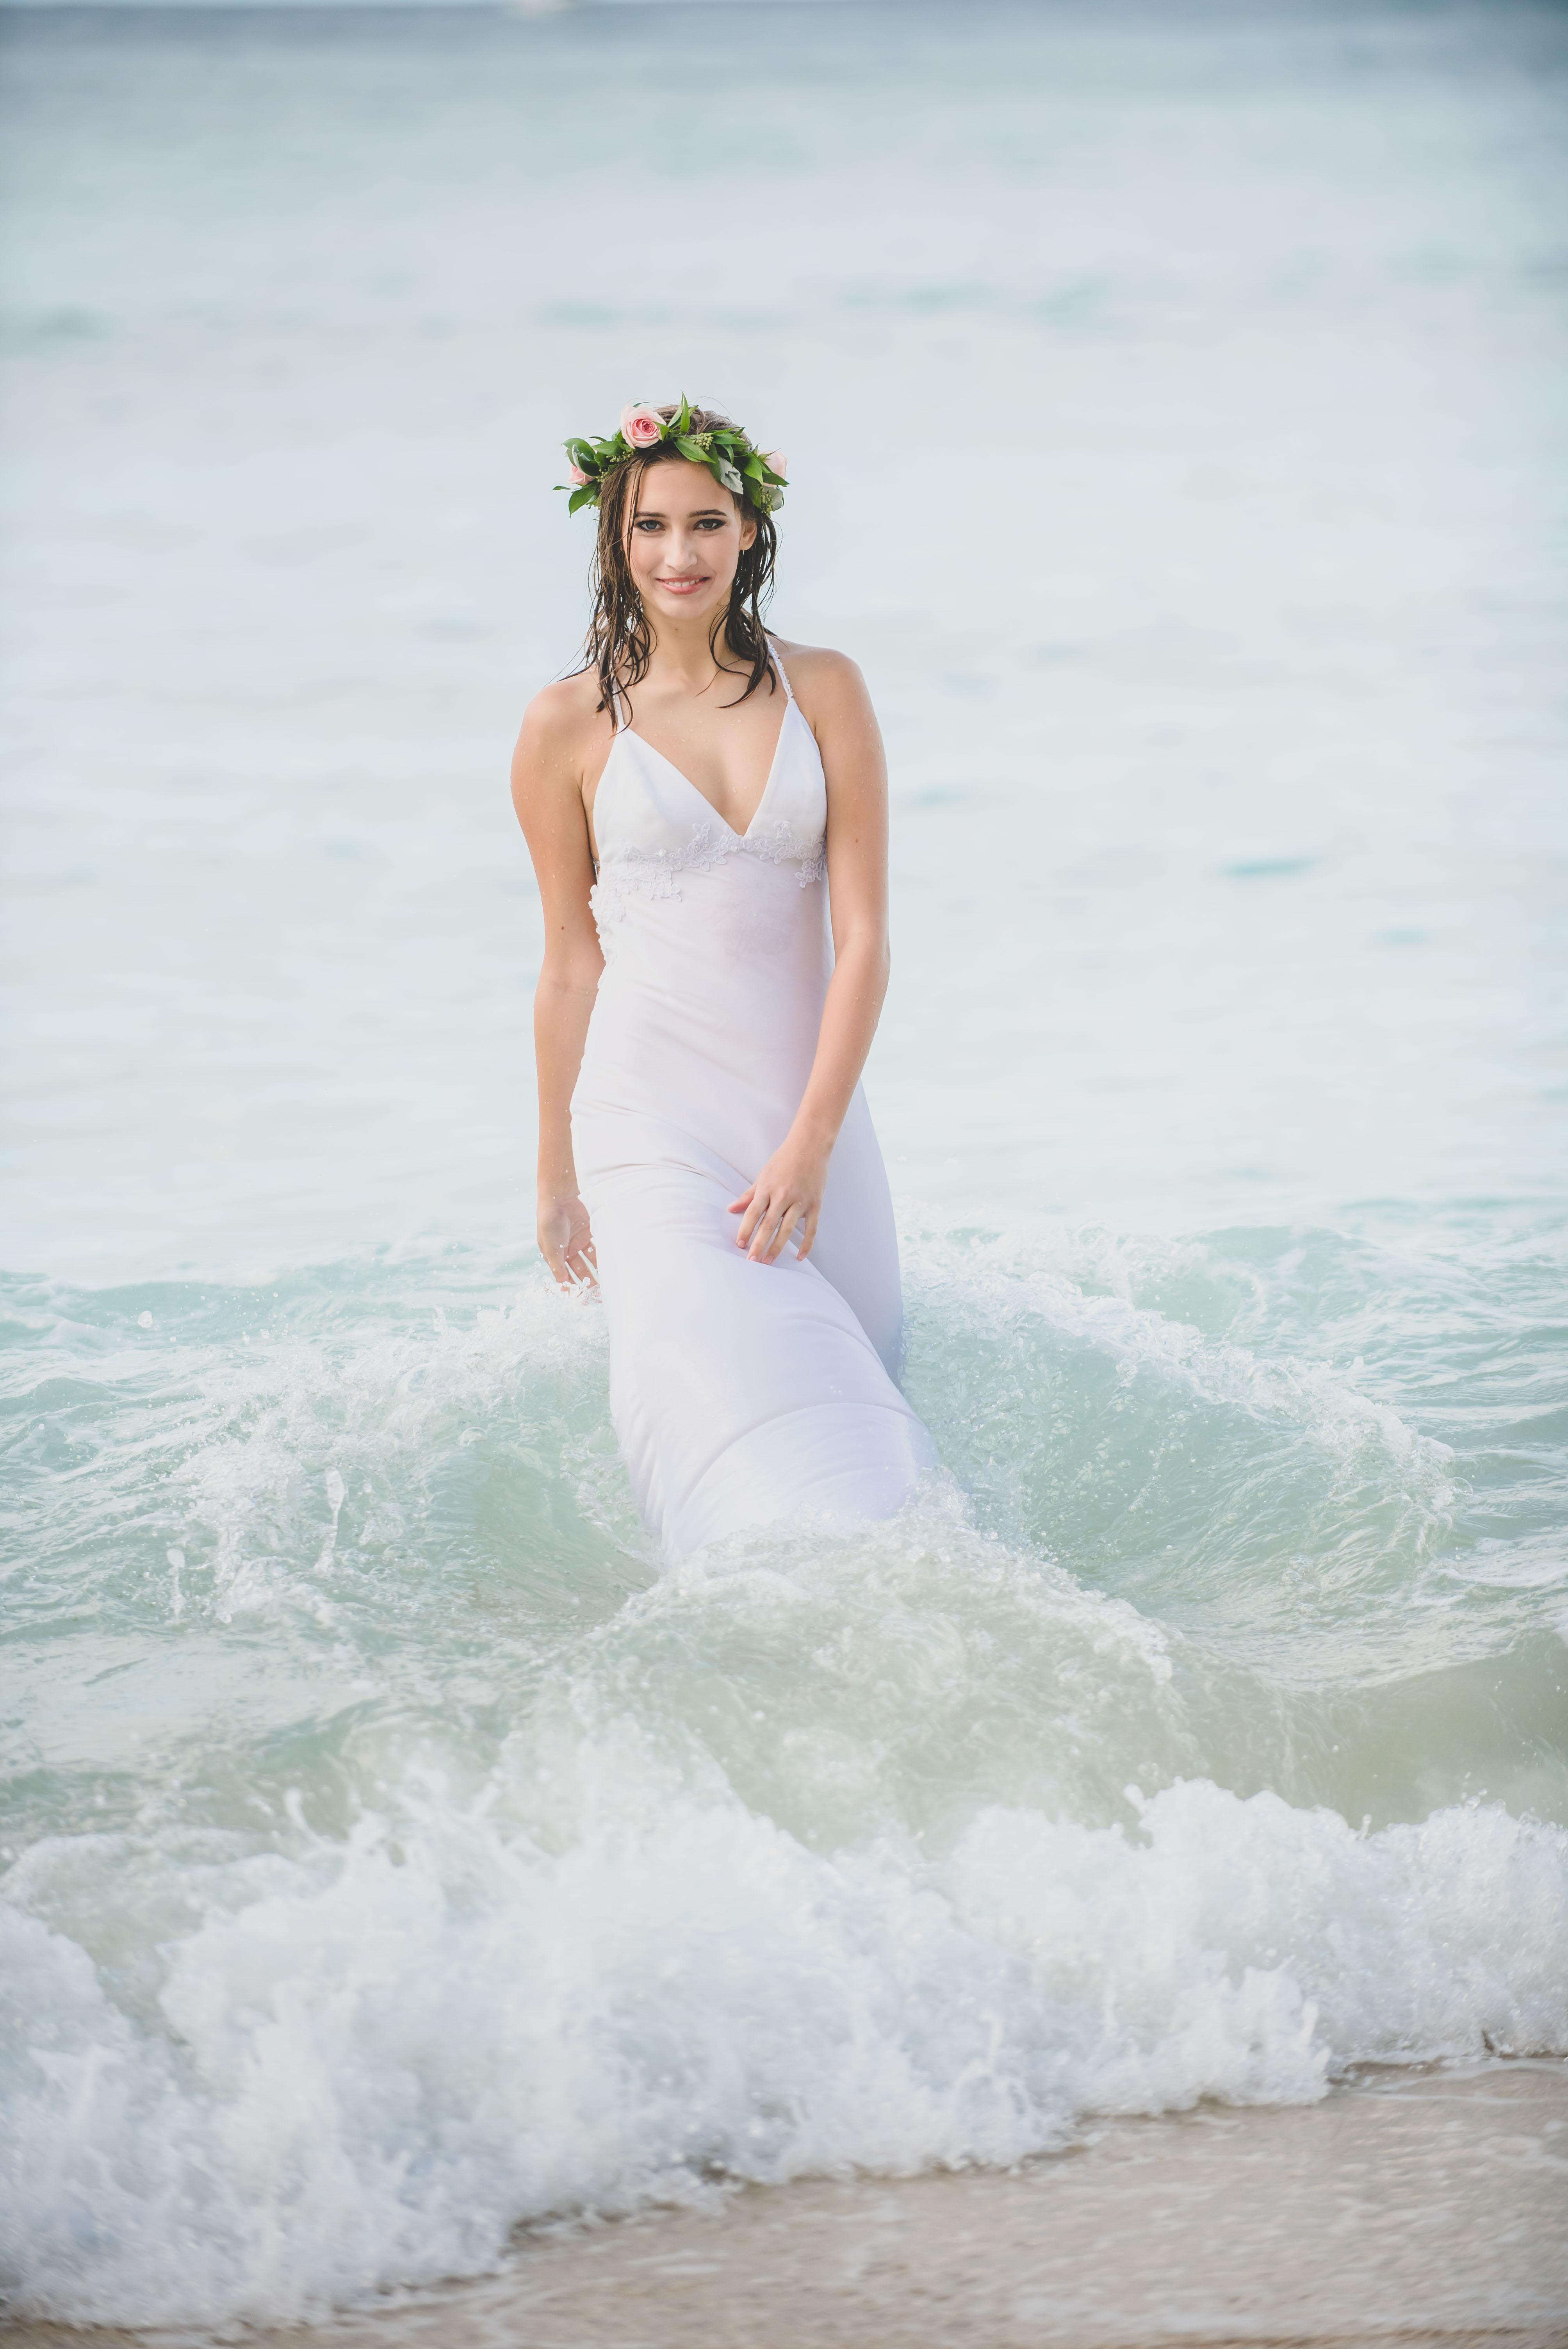 Hawaiian bride